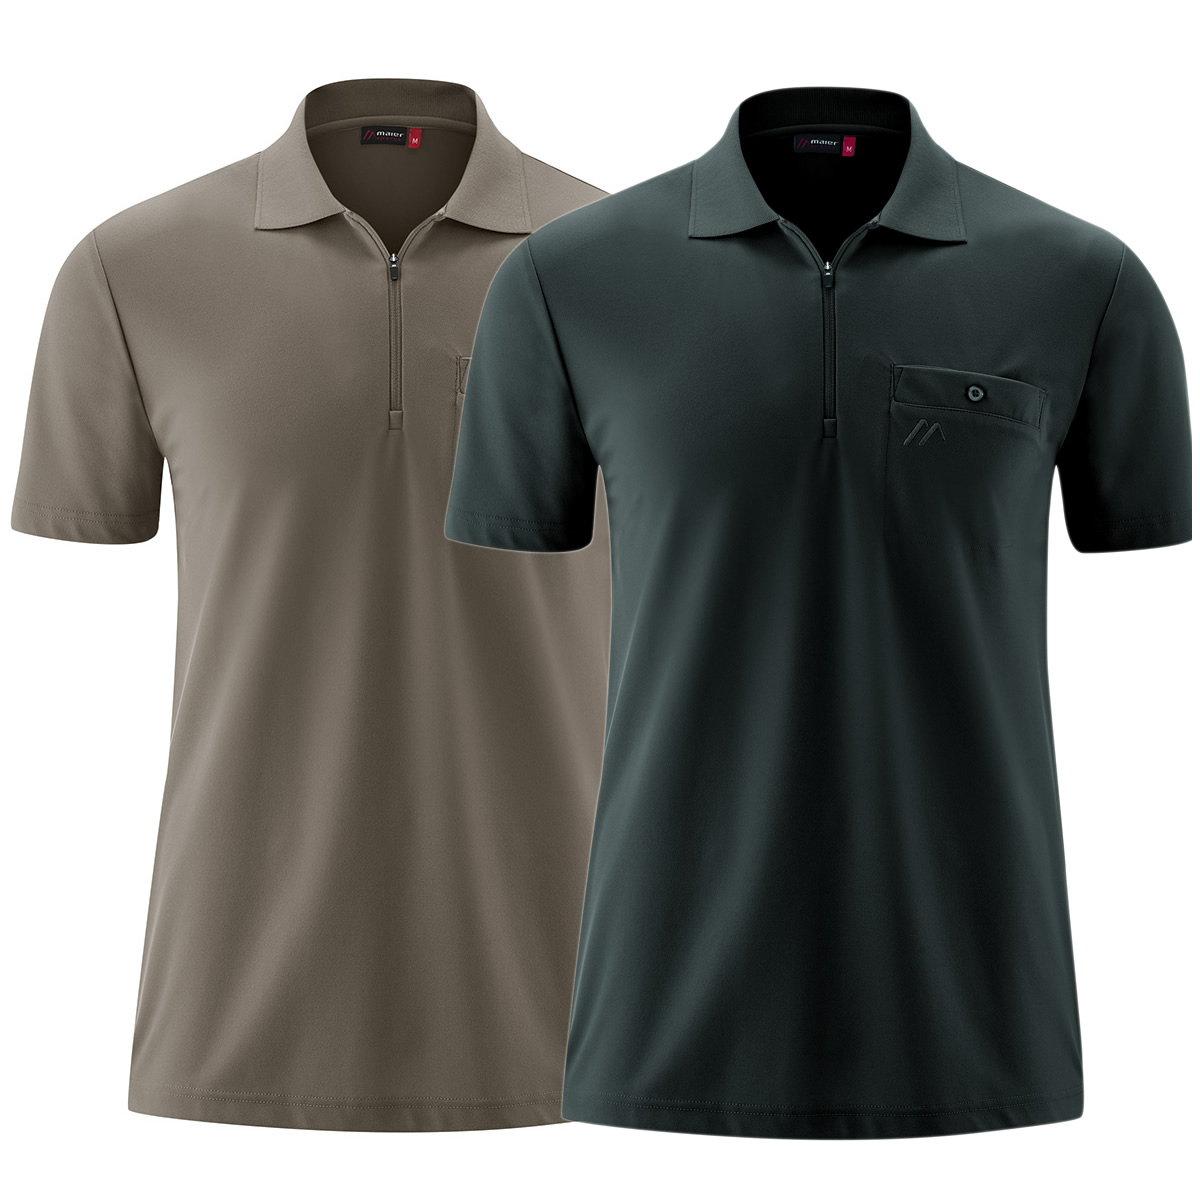 Maier Arwin II  Herren Funktions-Polo-Shirt mit Brusttasche